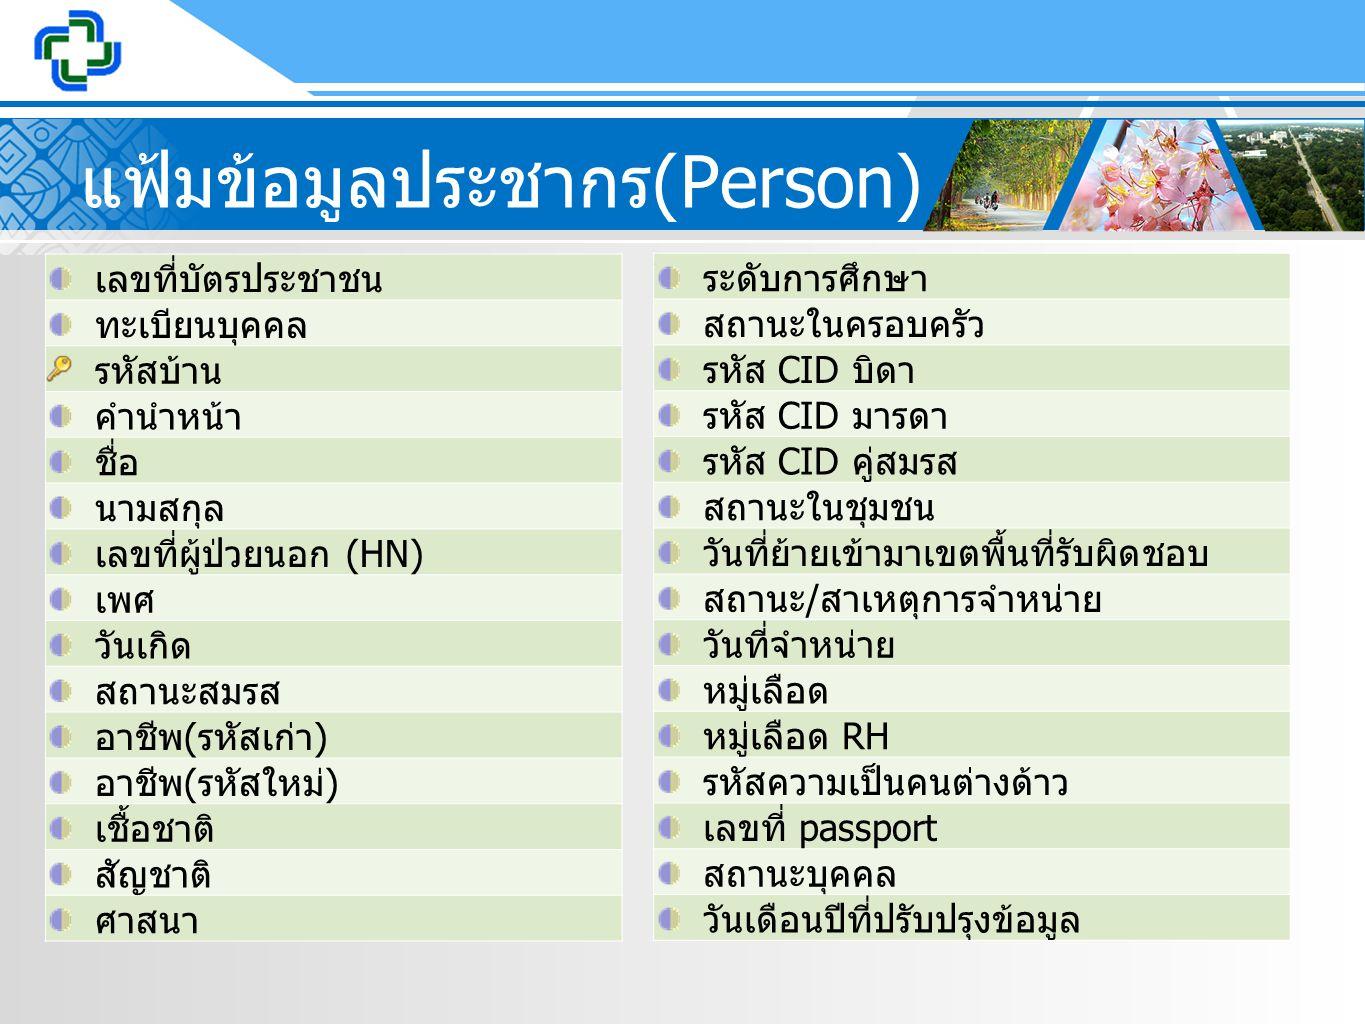 แฟ้มข้อมูลประชากร (Person) เลขที่บัตรประชาชน ทะเบียนบุคคล รหัสบ้าน คำนำหน้า ชื่อ นามสกุล เลขที่ผู้ป่วยนอก (HN) เพศ วันเกิด สถานะสมรส อาชีพ ( รหัสเก่า